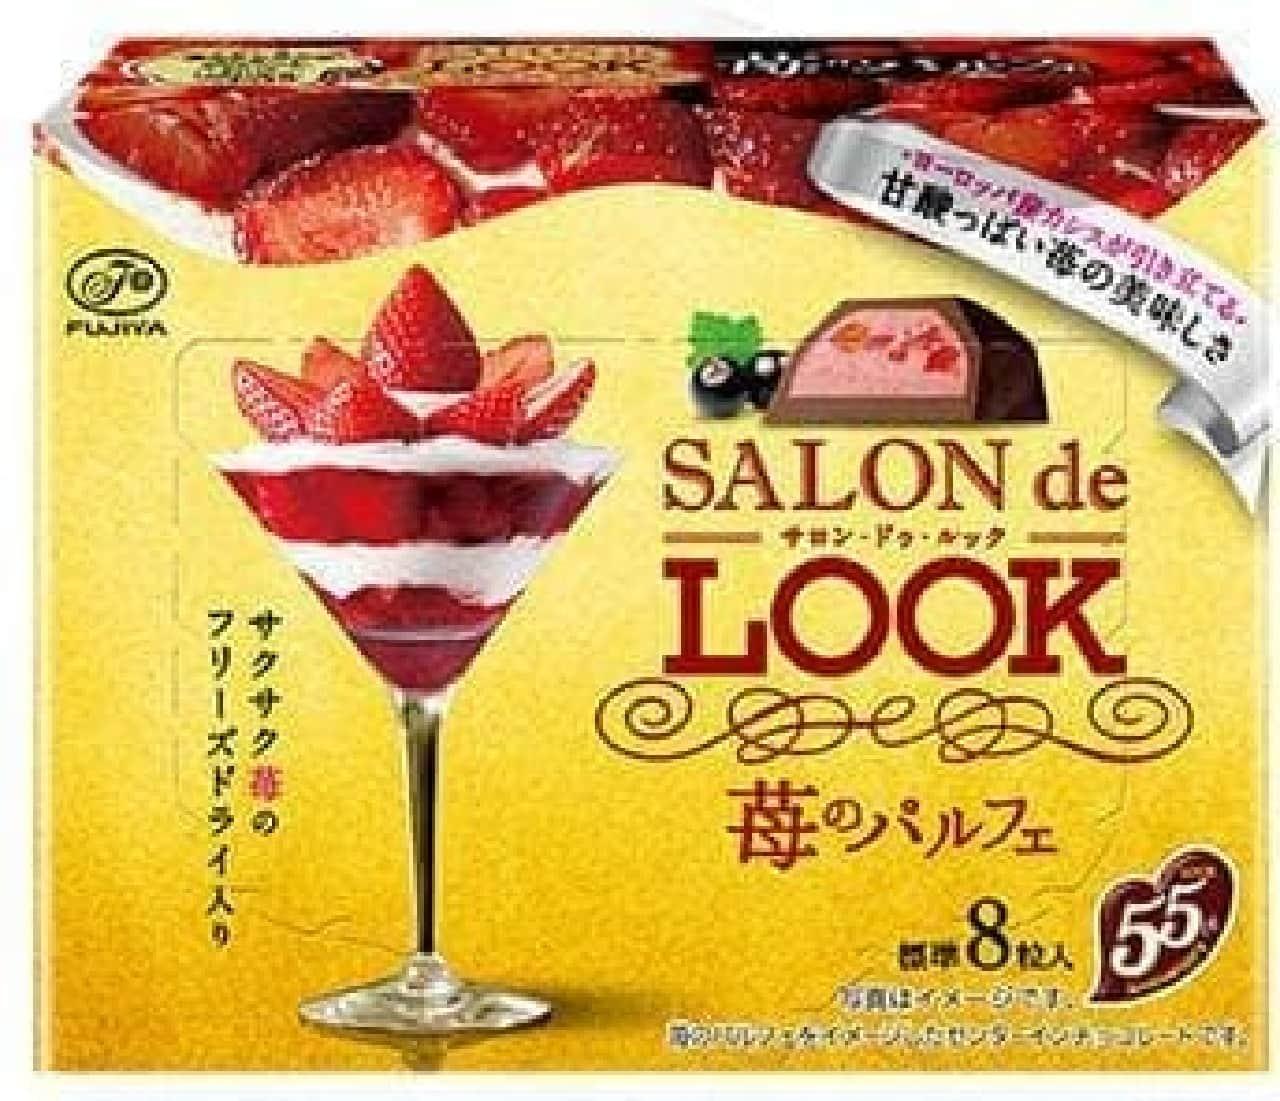 不二家「サロン・ドゥ・ルック」苺のパルフェ